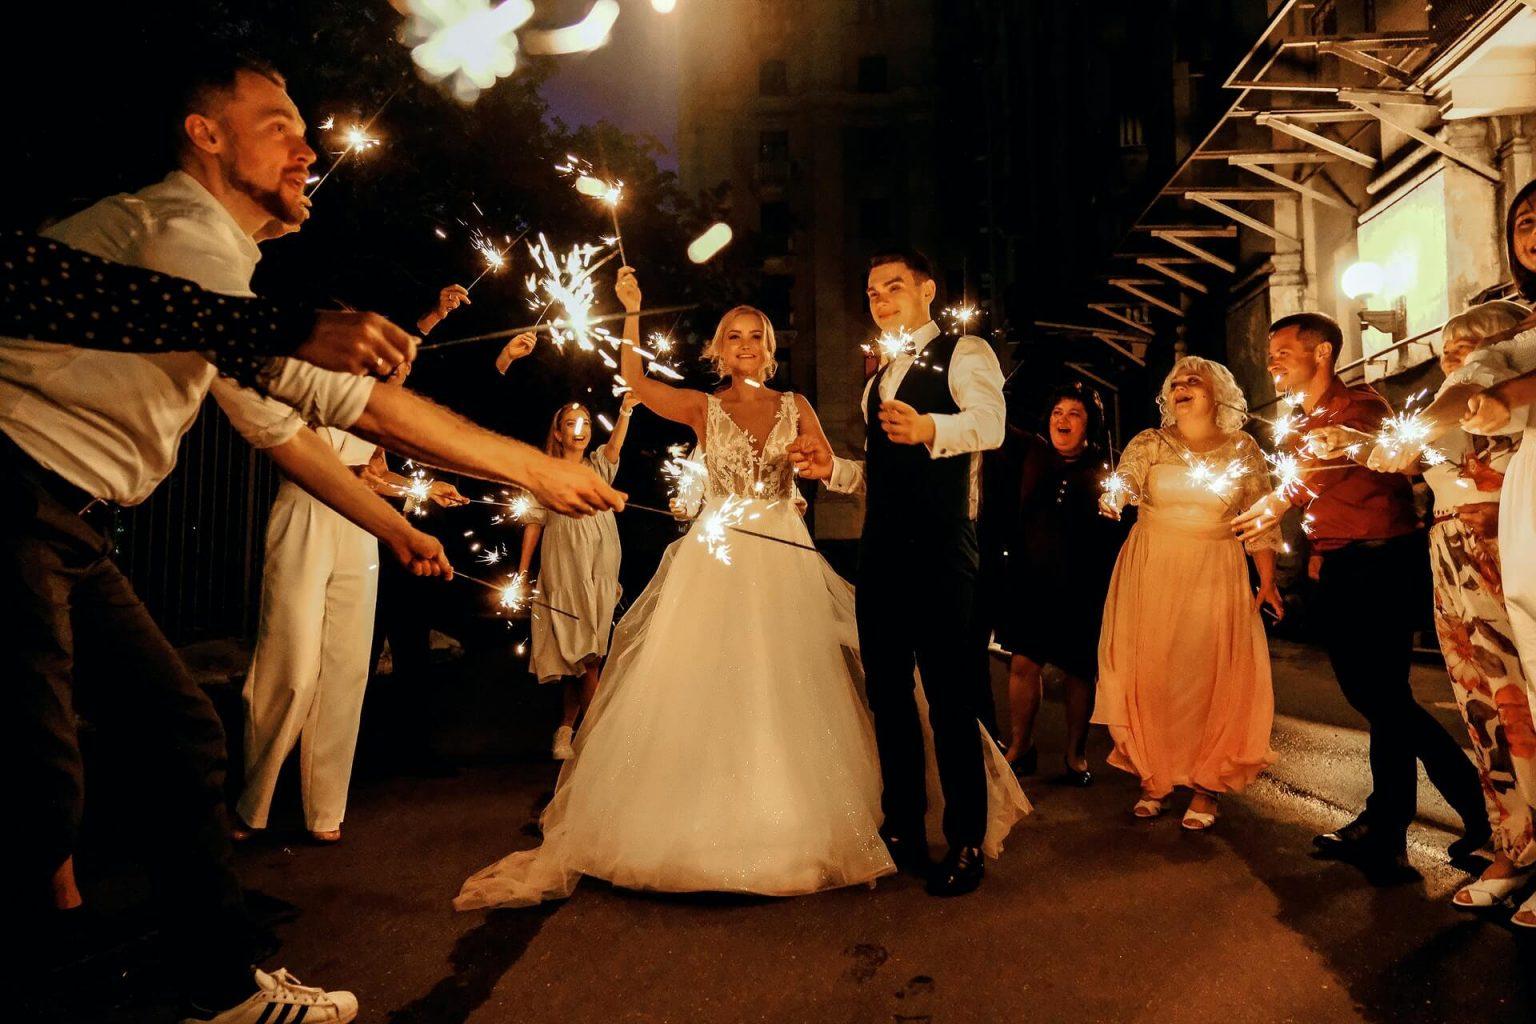 pokaz fajerwerkow na weselu, wesele bez oczepin